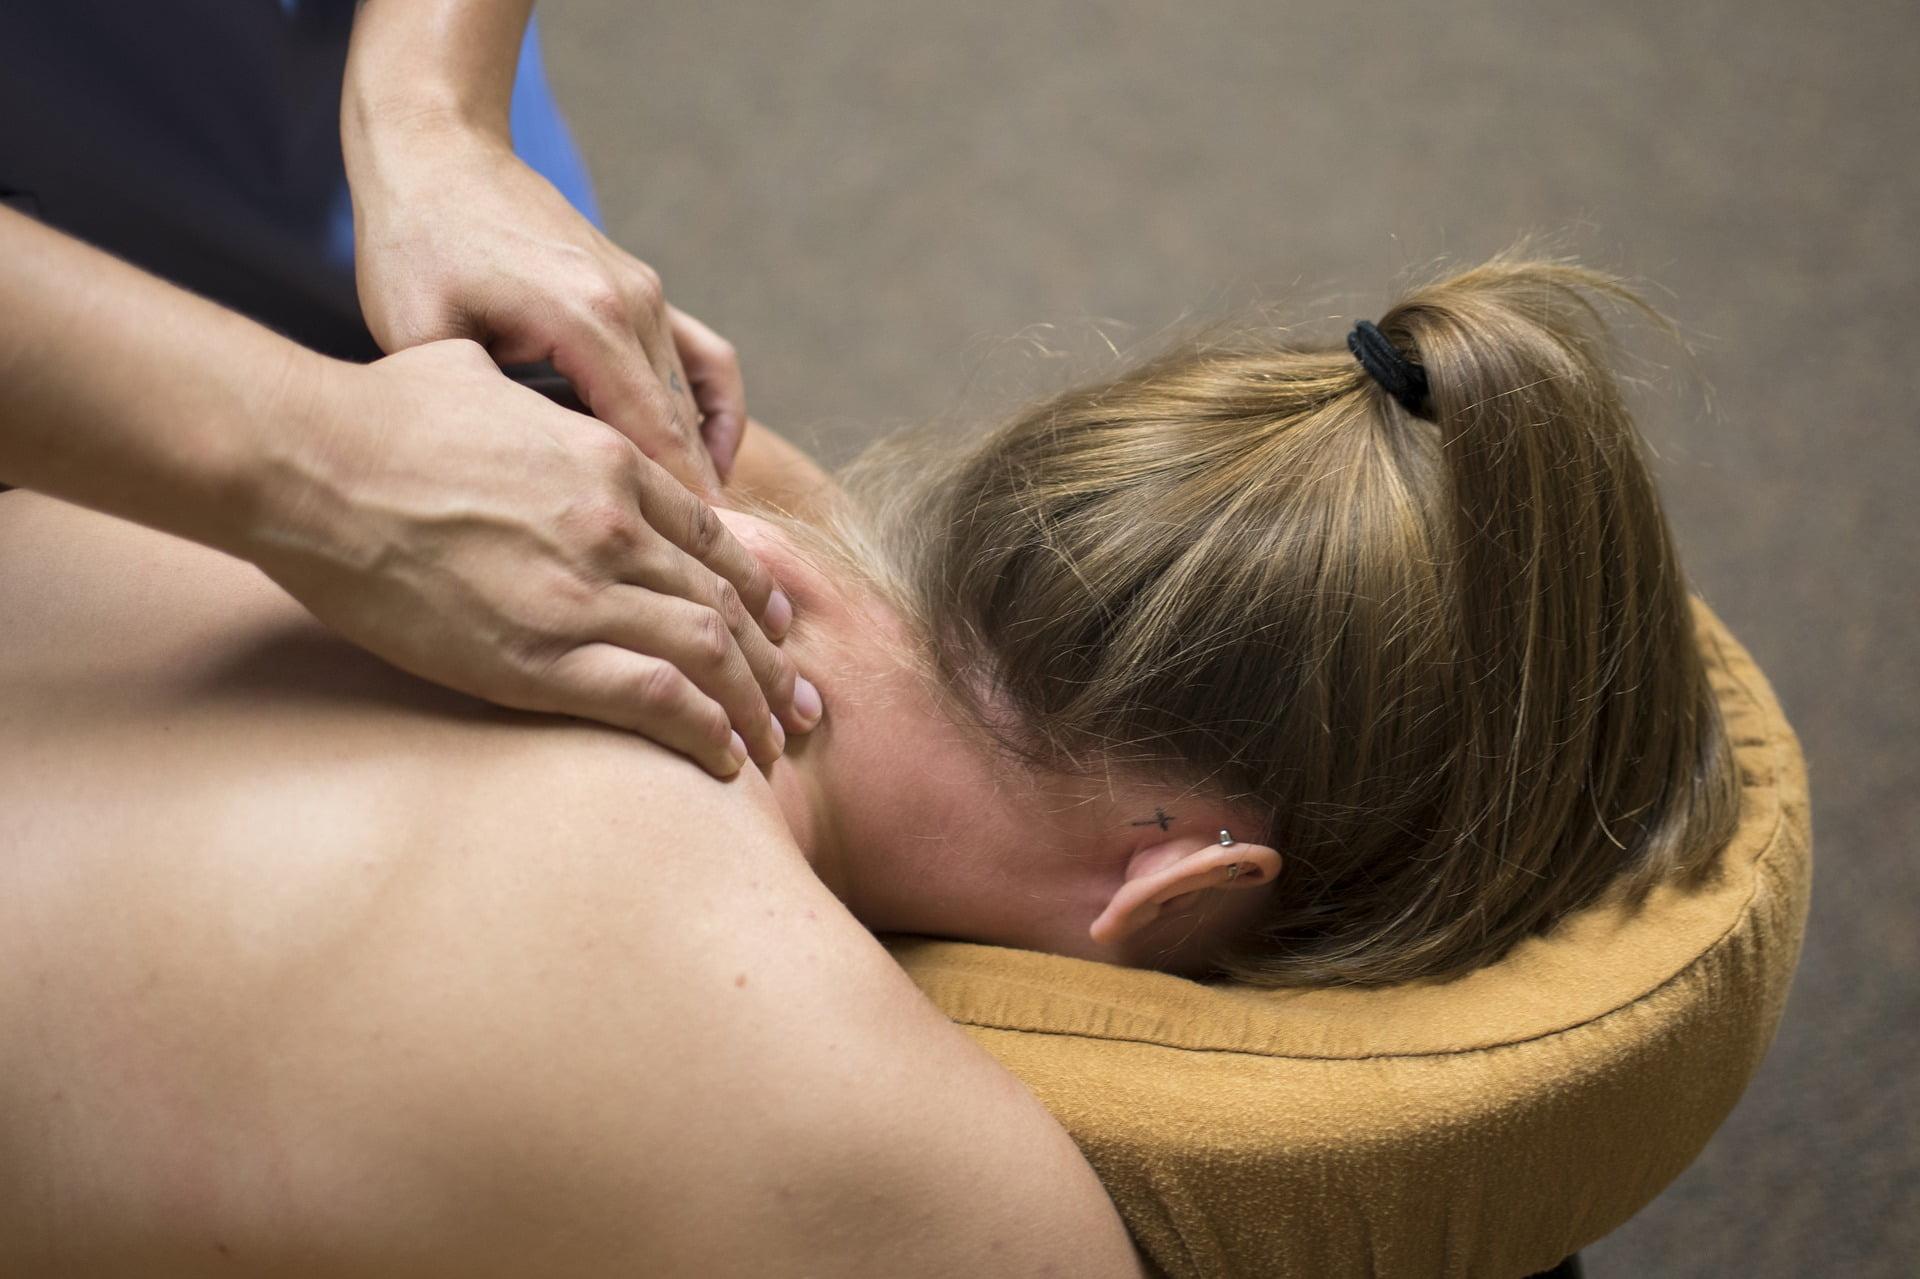 Oosba niewidoma wykonuje masaż